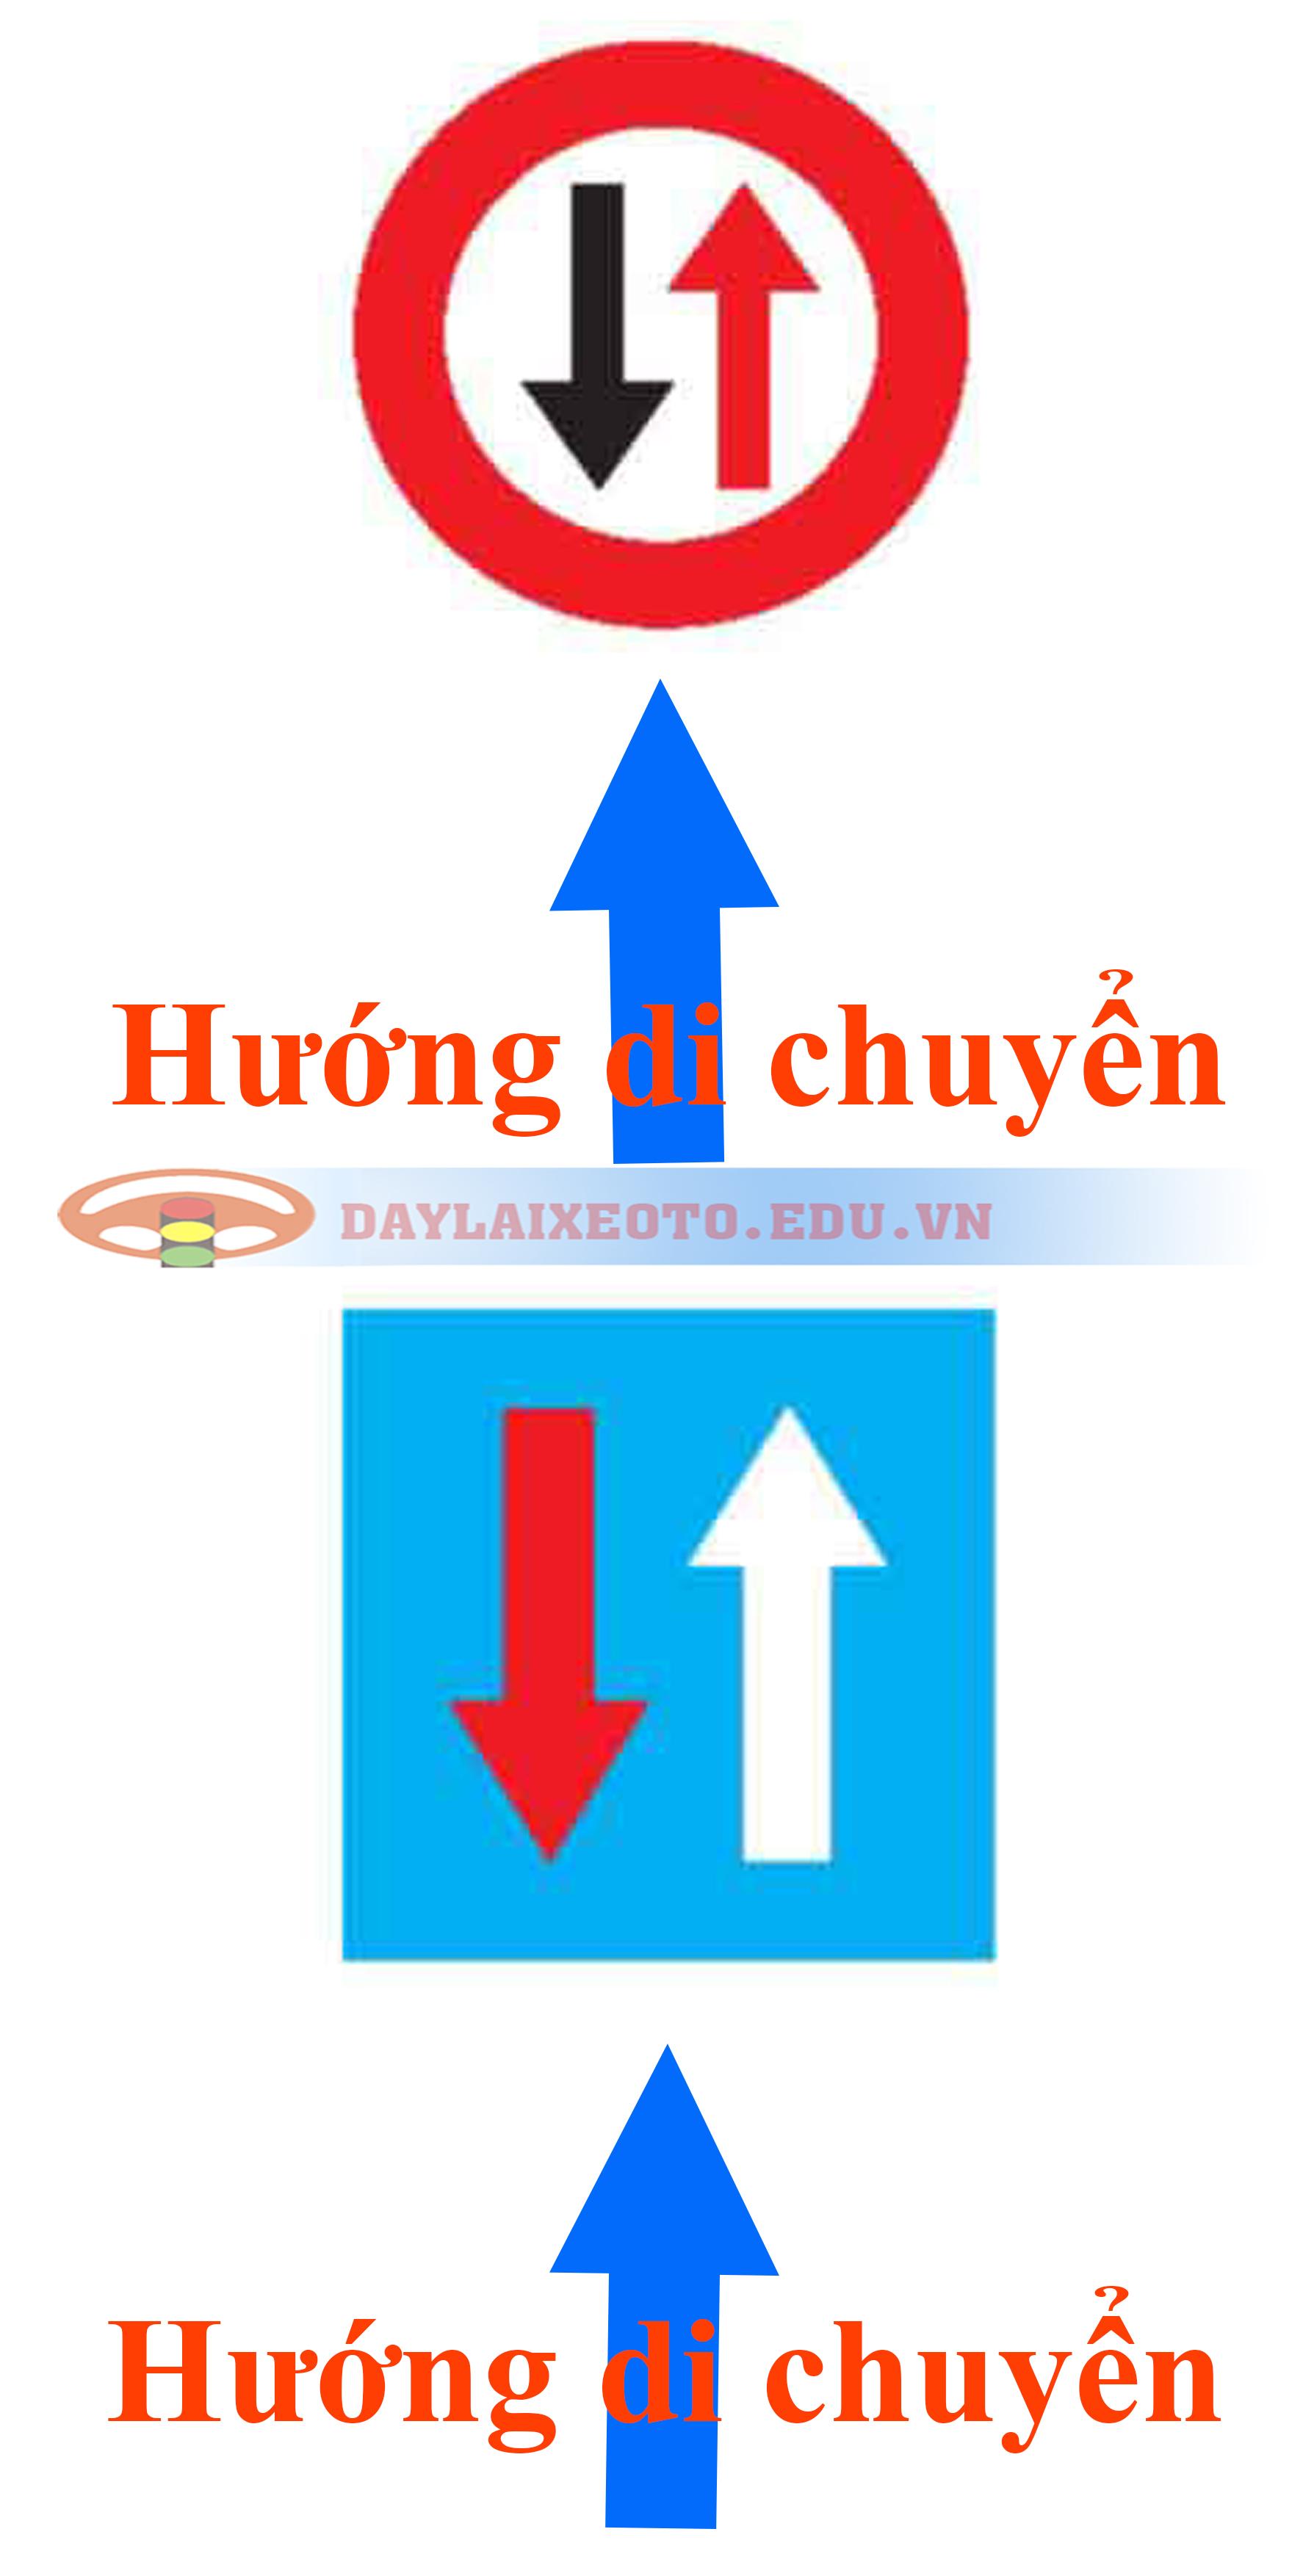 meo-thi-bang-lai-b2-bien-bao-nhuong-duong